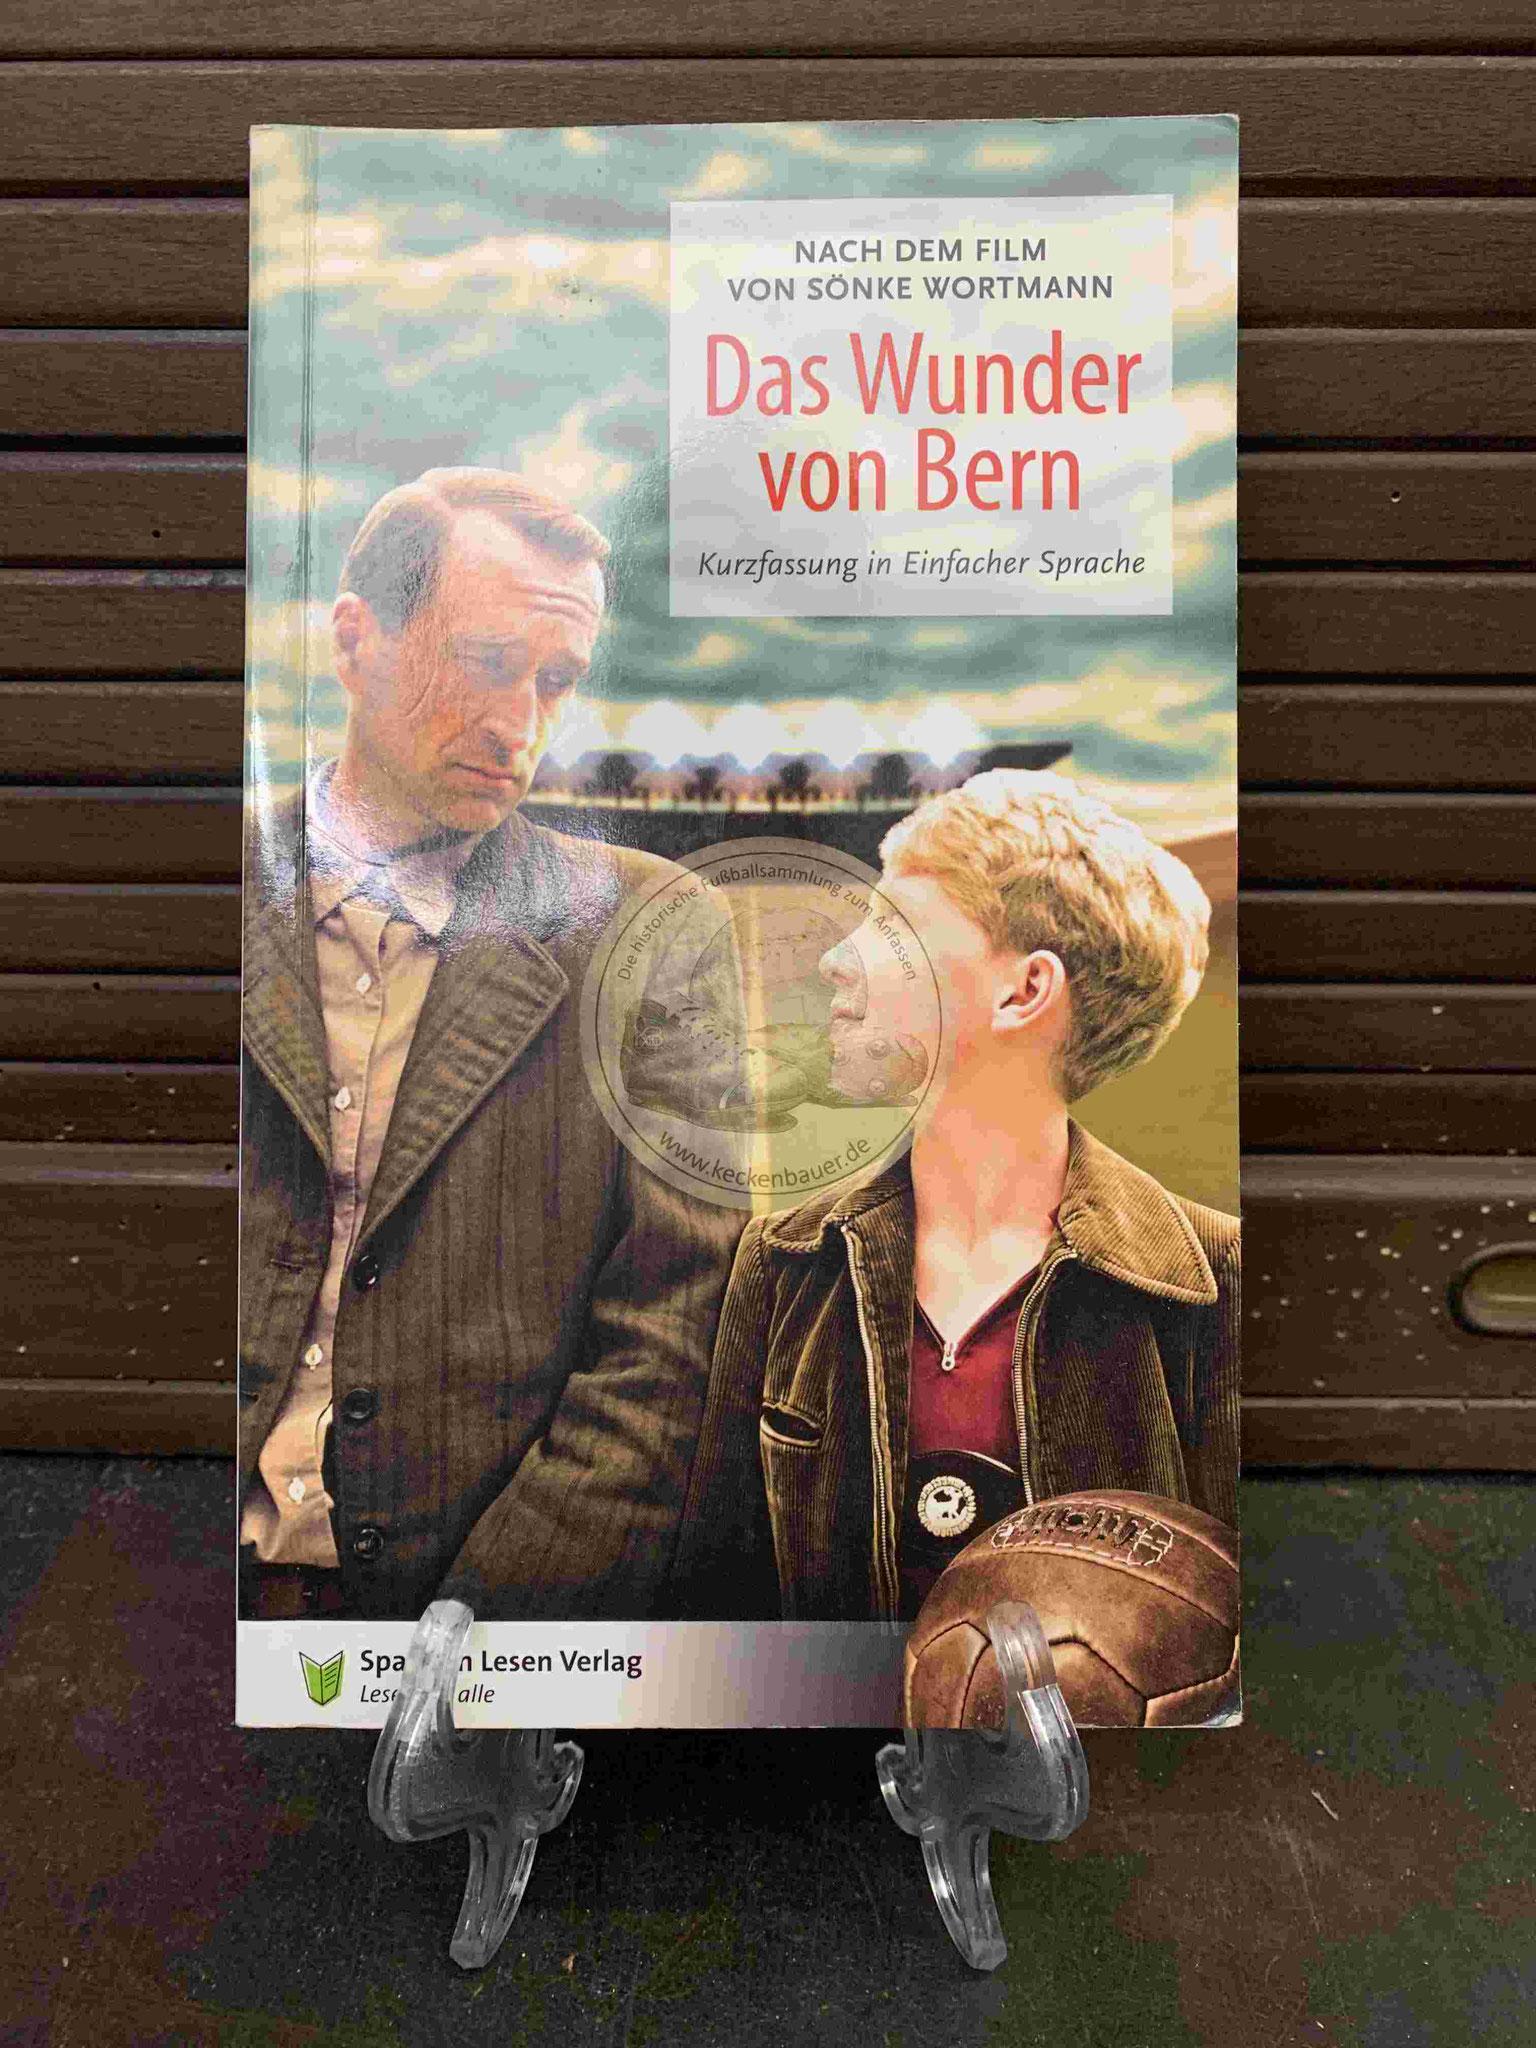 Das Wunder von Bern Kurzfassung in einfacher Sprache aus dem Jahr 2014